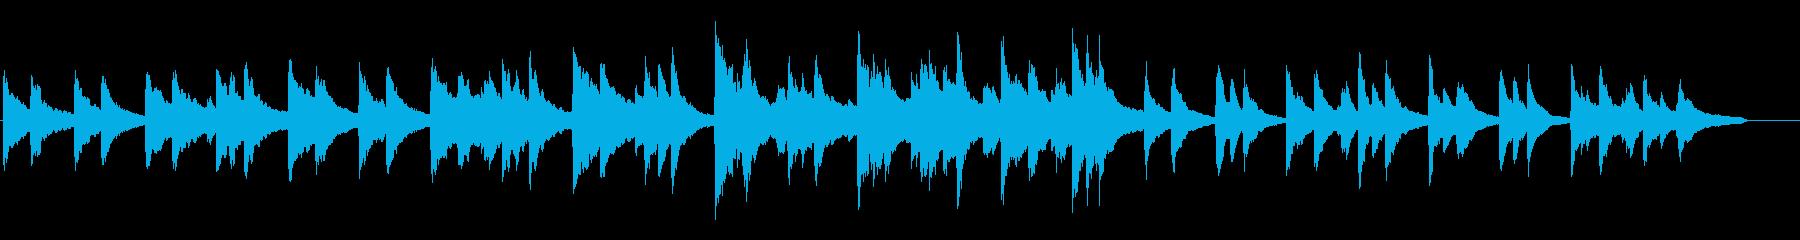 感動的なポップピアノの再生済みの波形